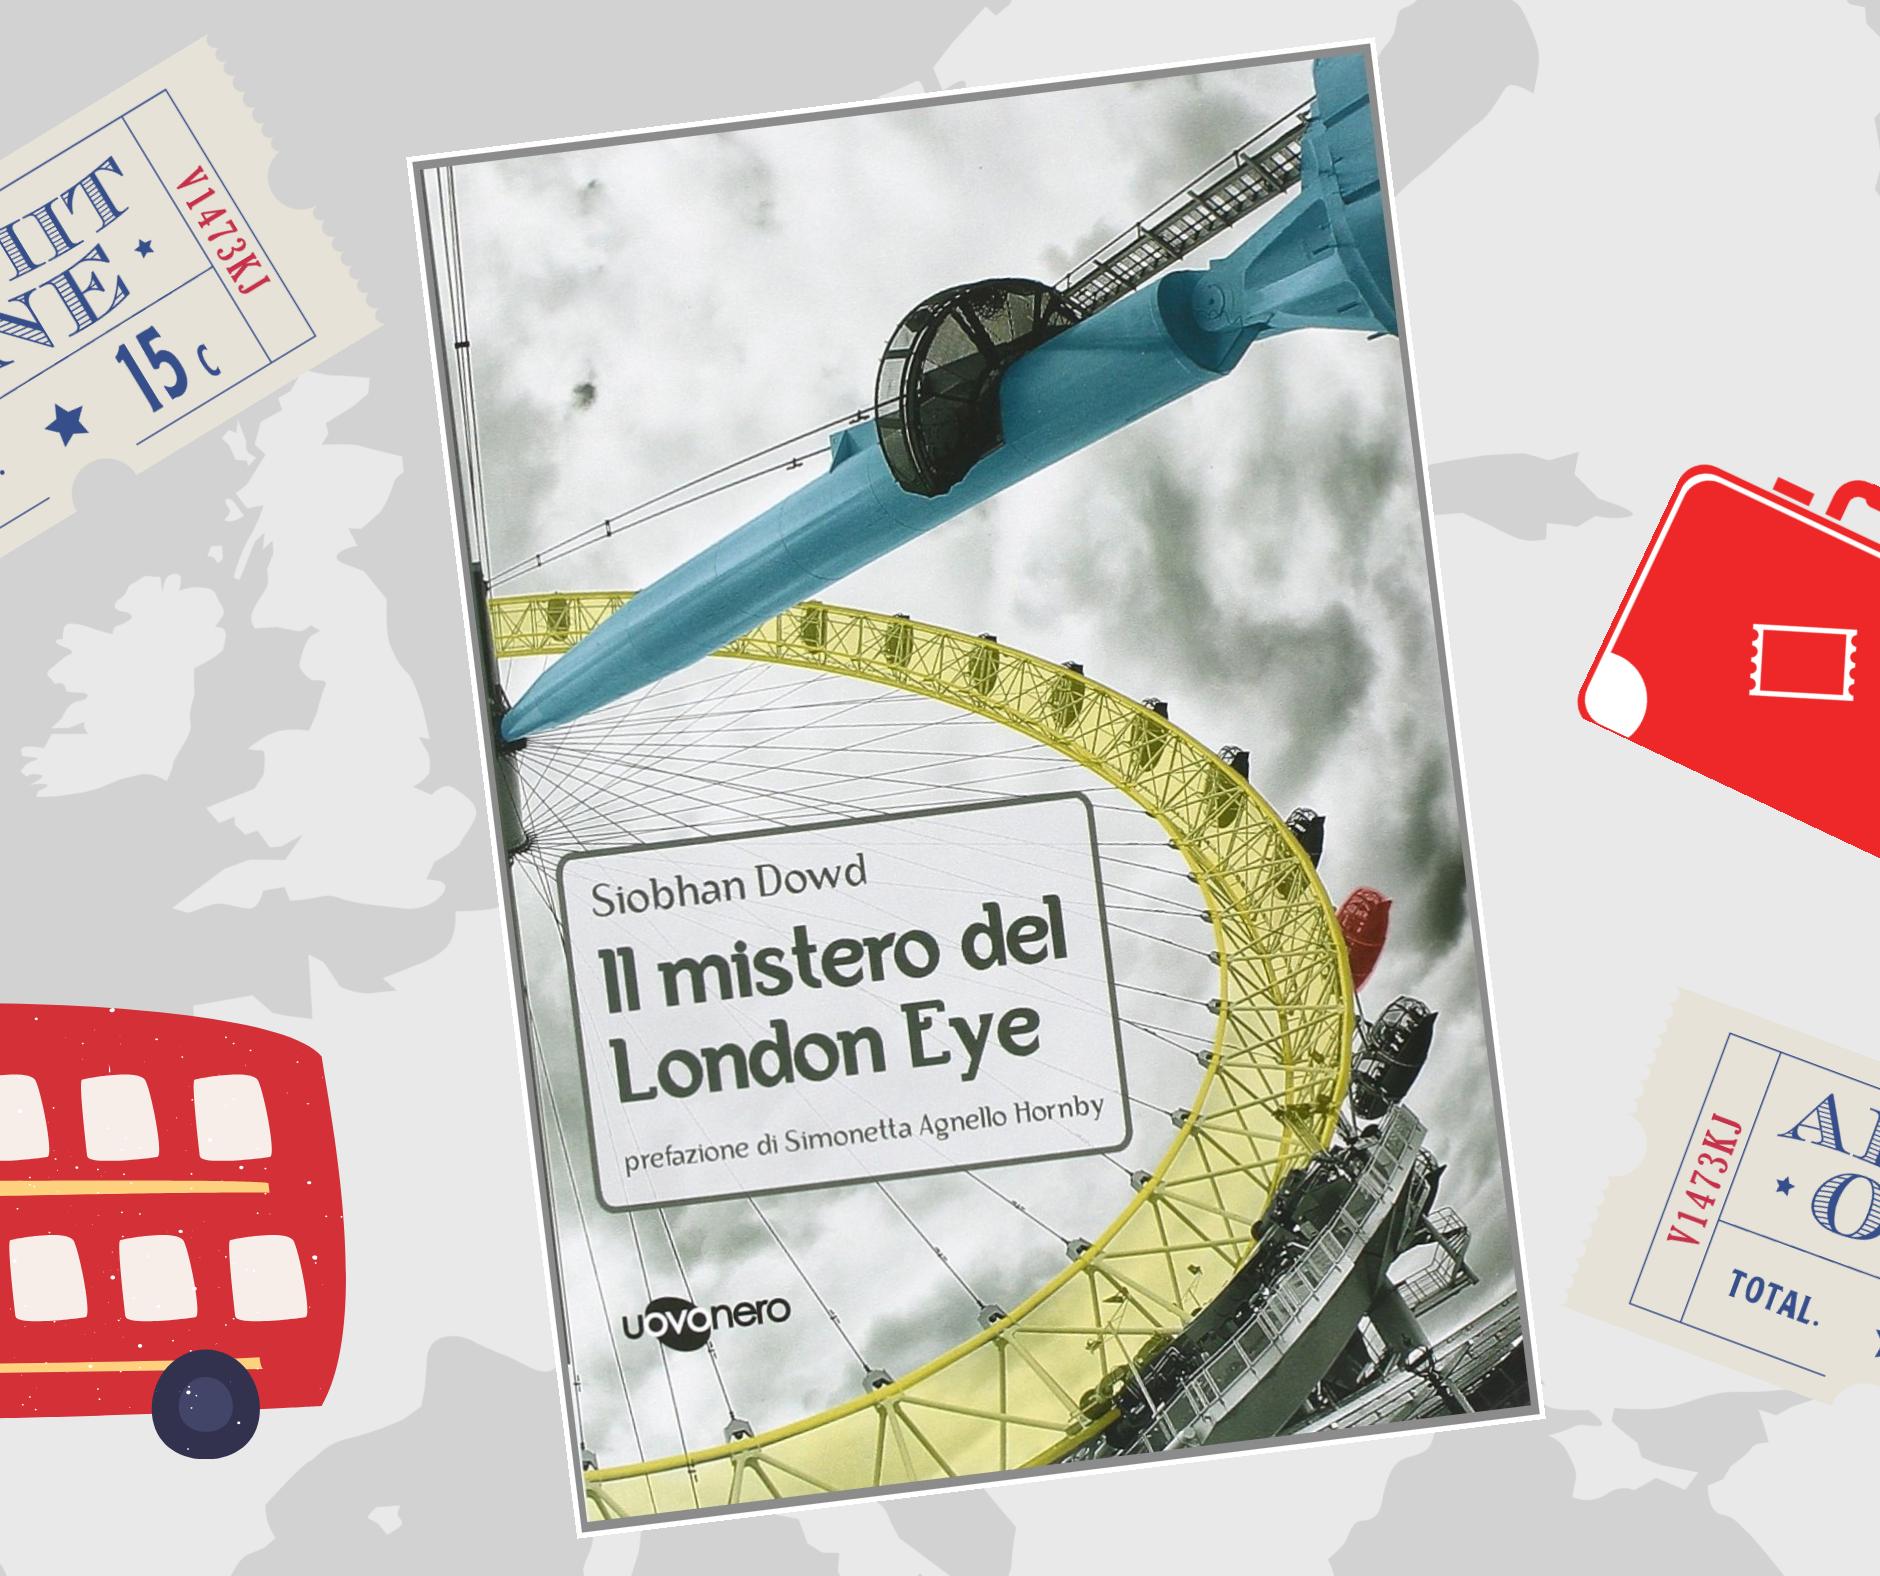 Il mistero del London Eye - Siobhan Dowd - Uovonero